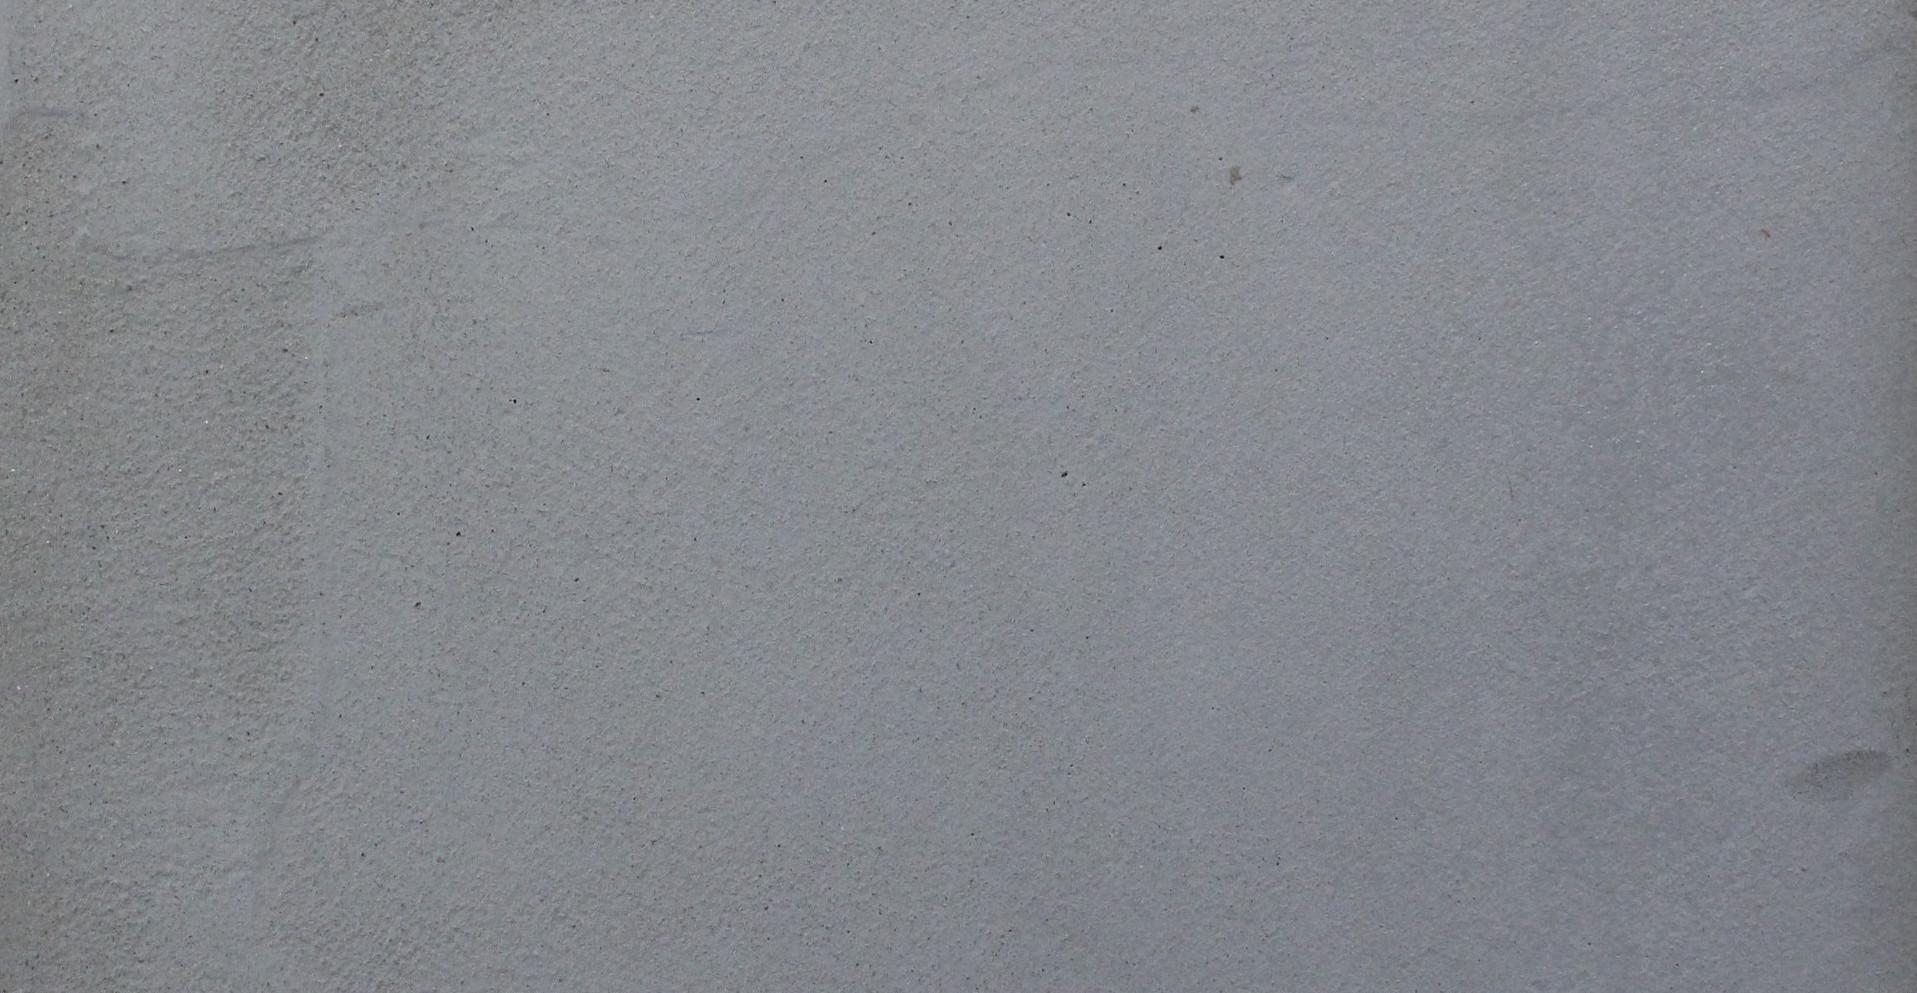 水泥牆身(淺藍色) Concrete wall (Light Blue)